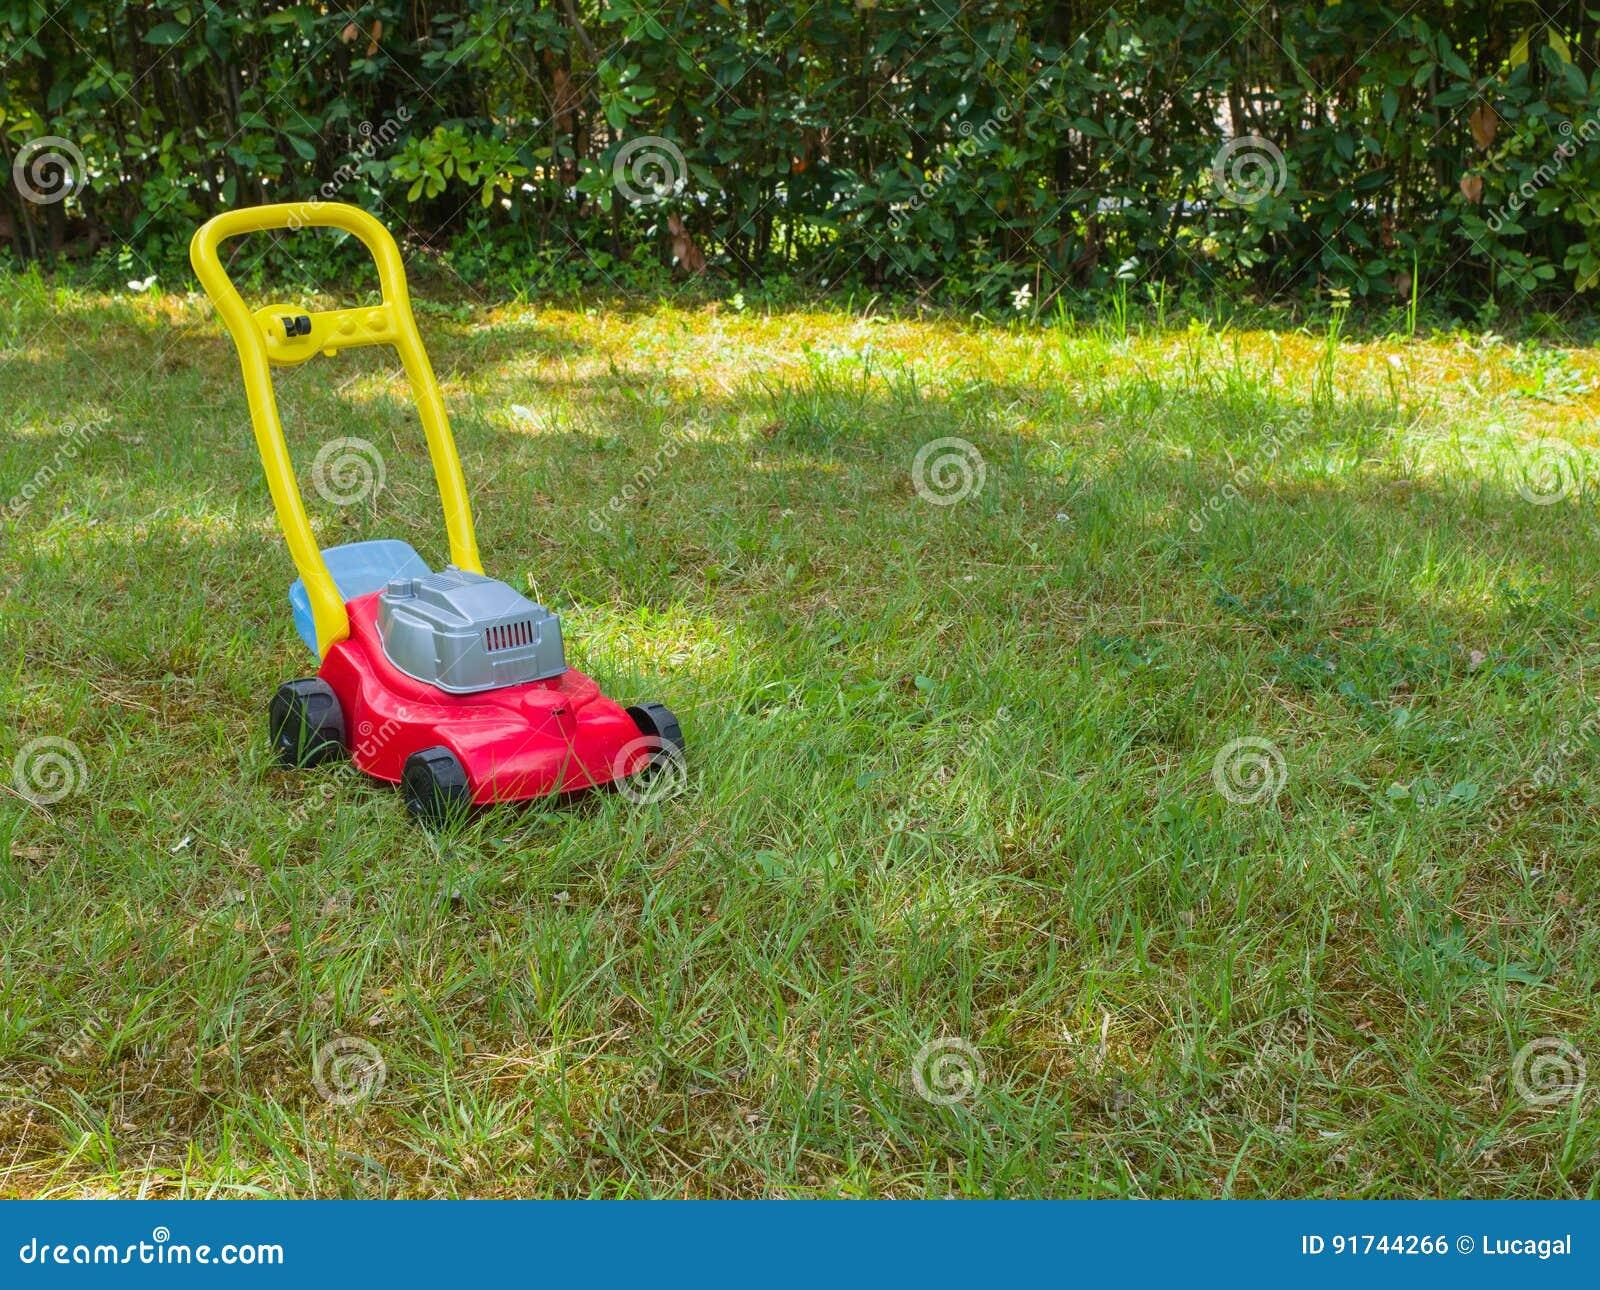 Empurre o brinquedo do cortador de grama na grama em um jardim Nenhuns povos